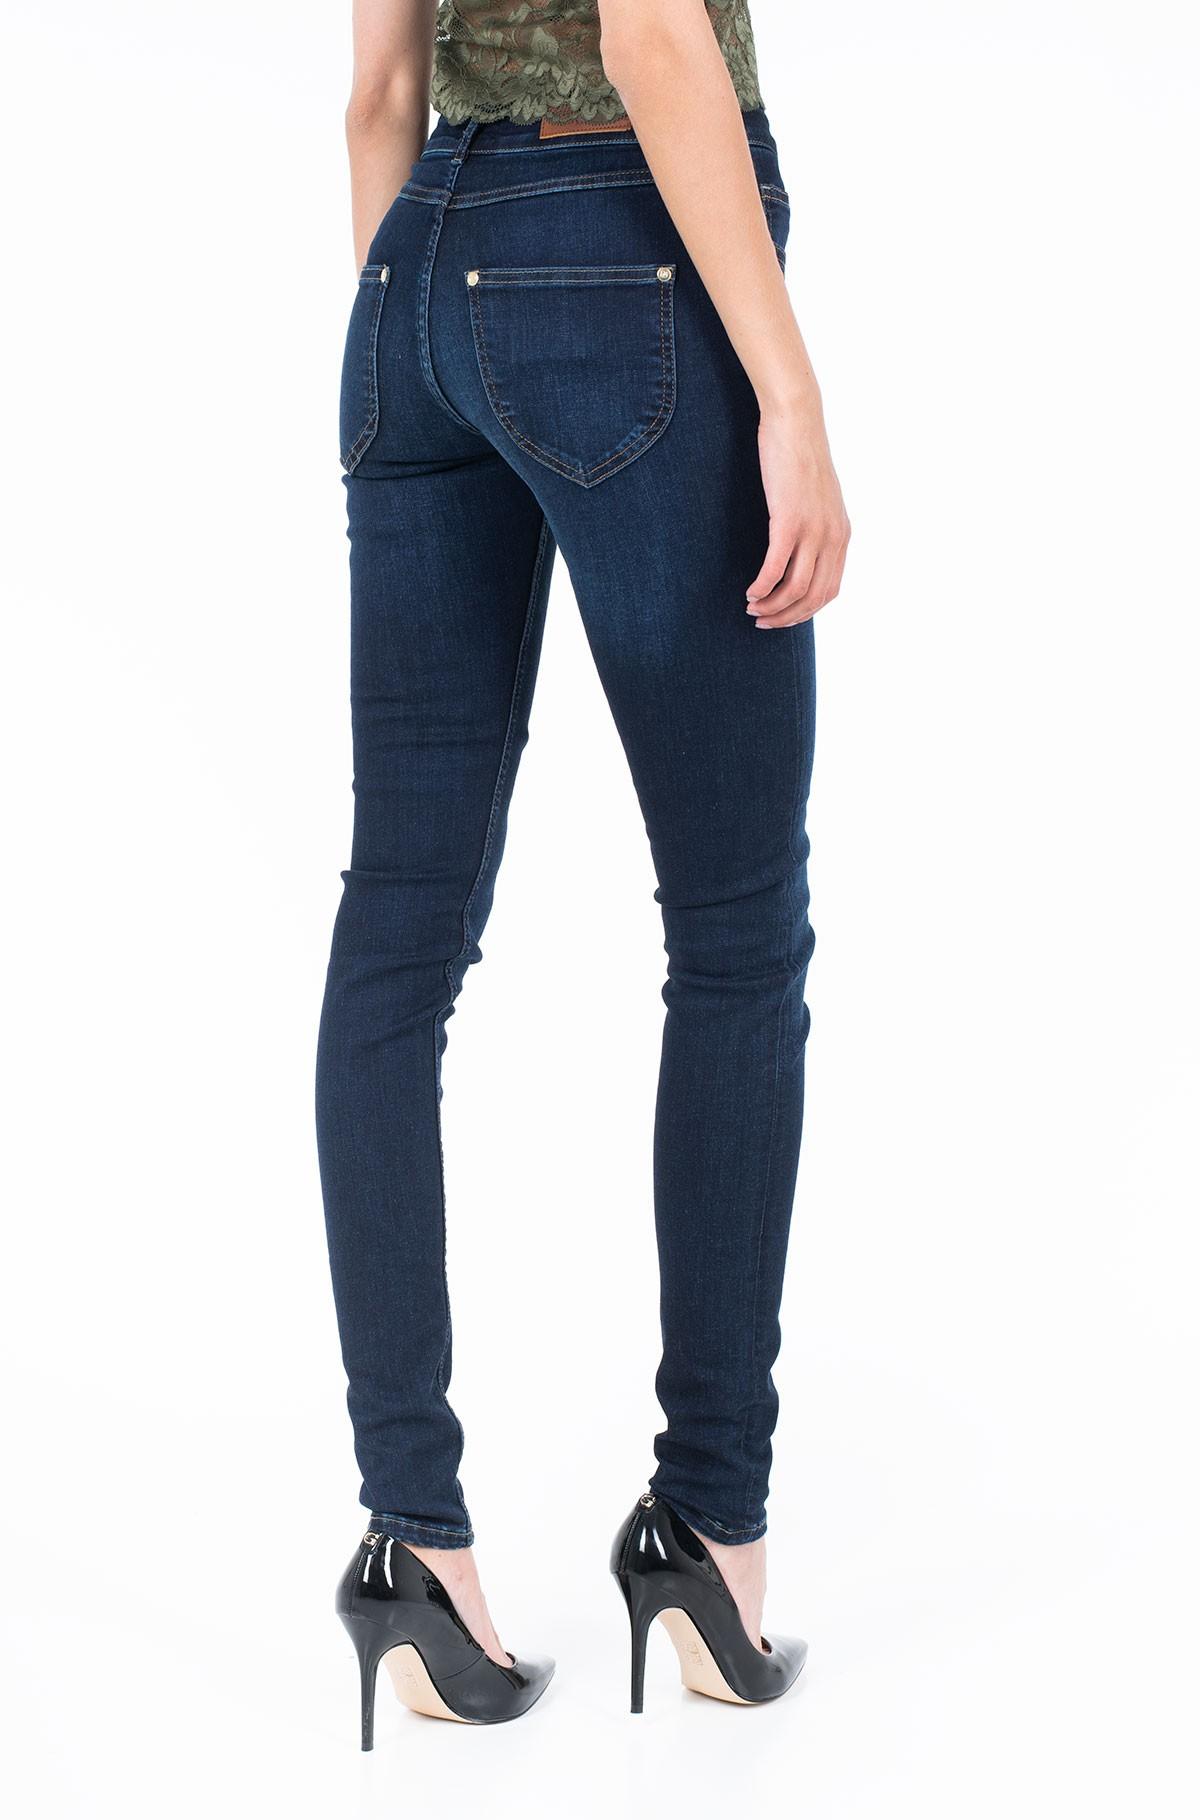 Jeans Jean02 skinny-full-2